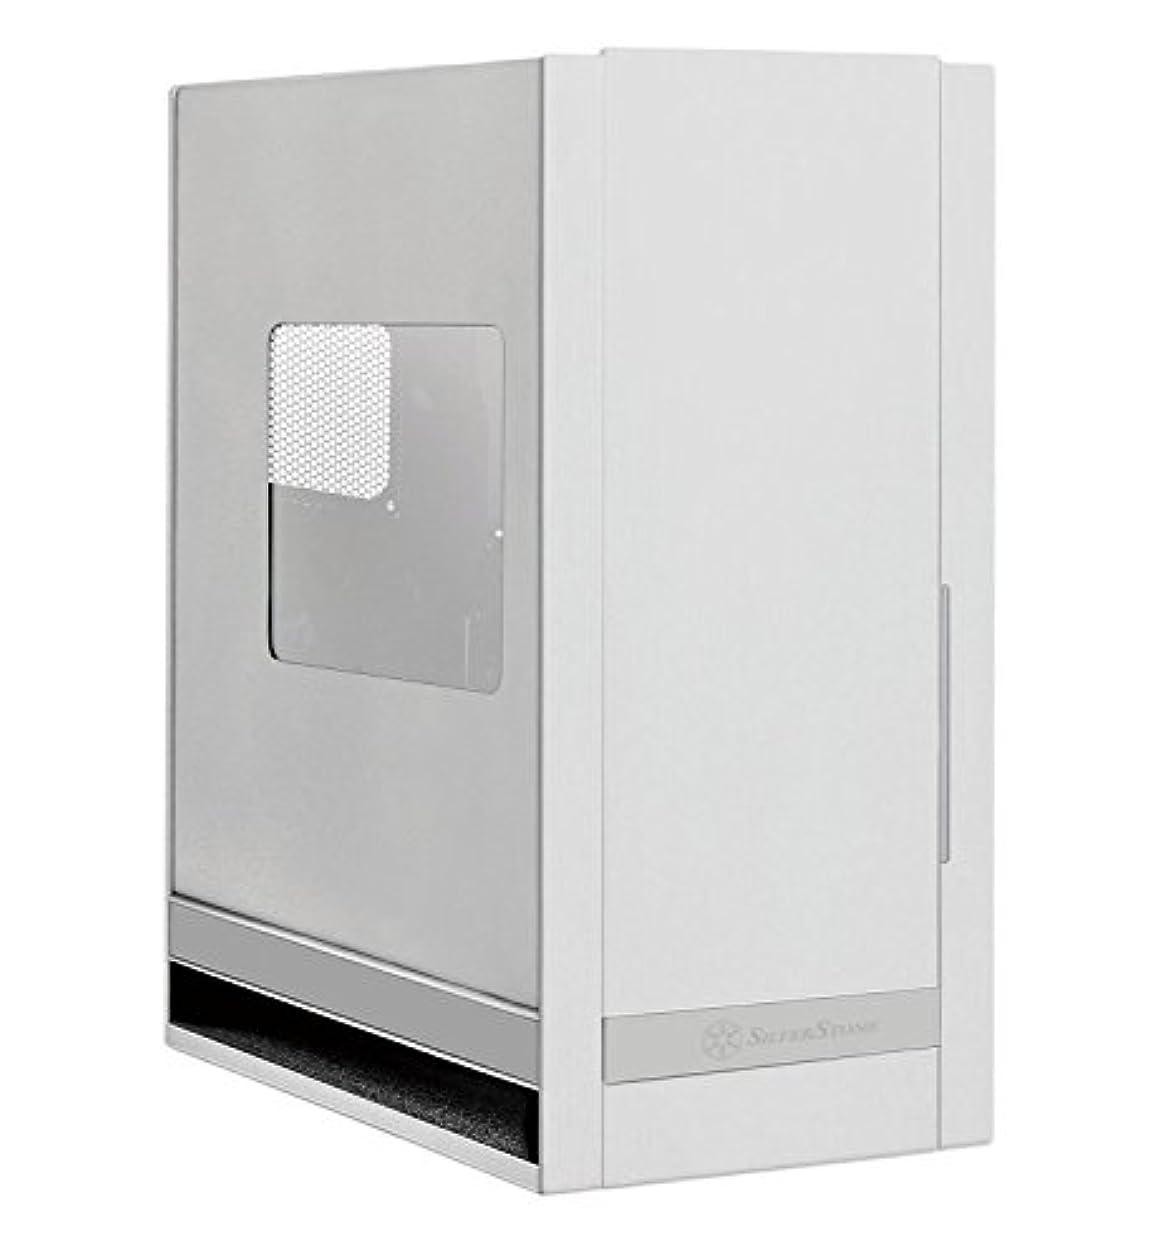 帰する幹詩Silverstone Tek Aluminum 90 Degree Motherboard Mounting SSI-CEB/ATX/Micro-ATX Computer Case with Side Window Panel FT05S-W (Silver with Side Window) [並行輸入品]